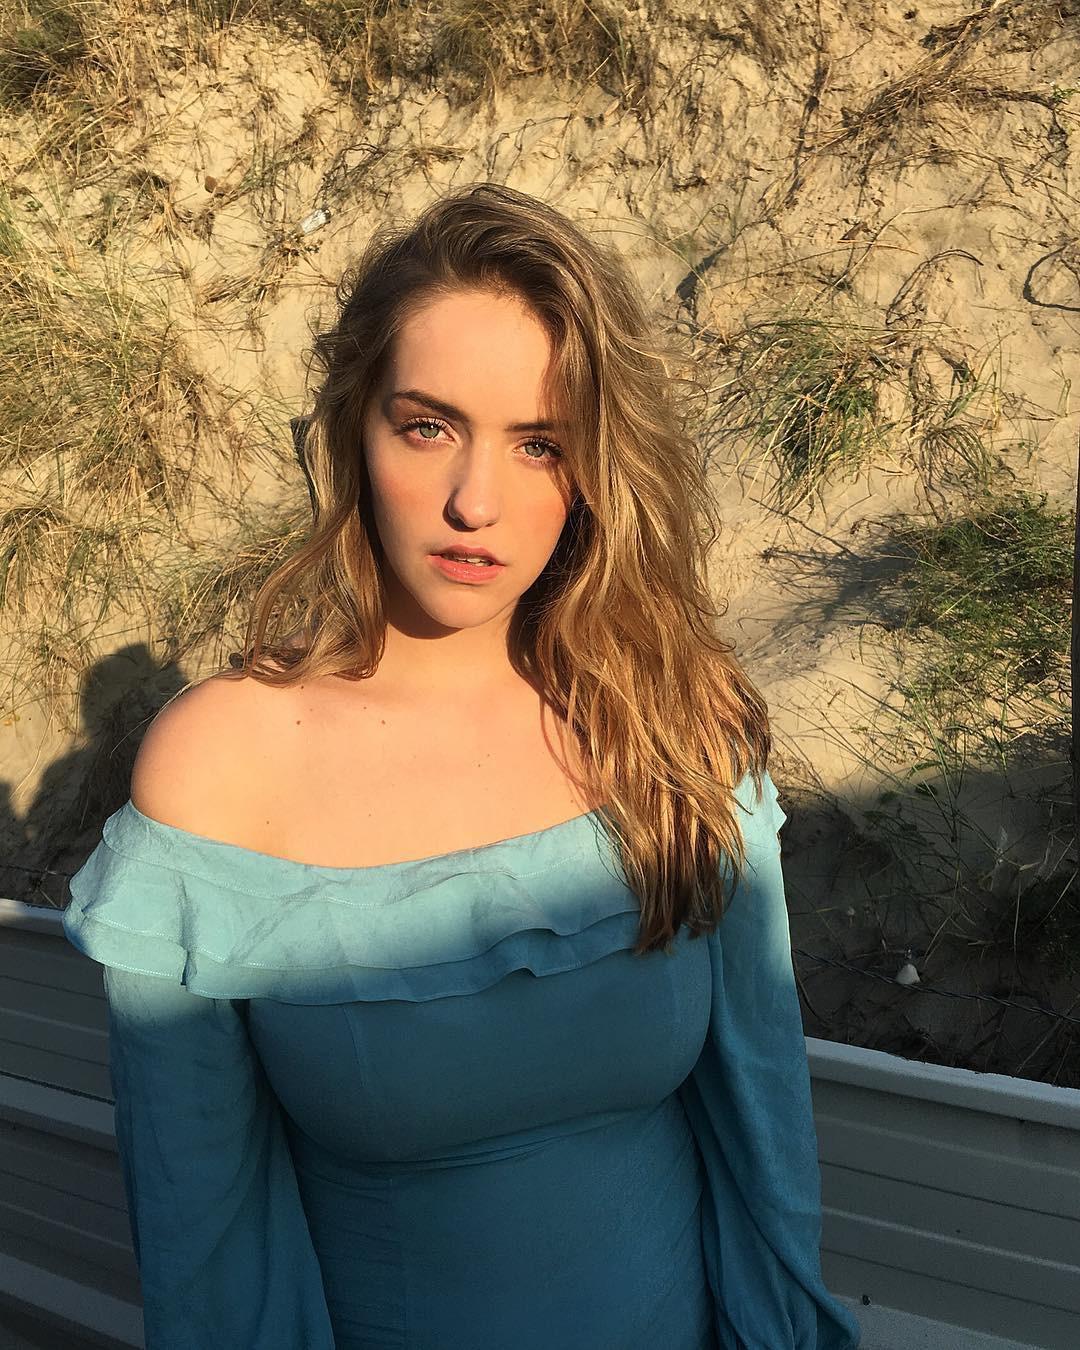 Ít ai biết Gigi - Bella có một người chị em họ là người mẫu ngoại cỡ hết sức xinh đẹp và đáng ngưỡng mộ - Ảnh 3.